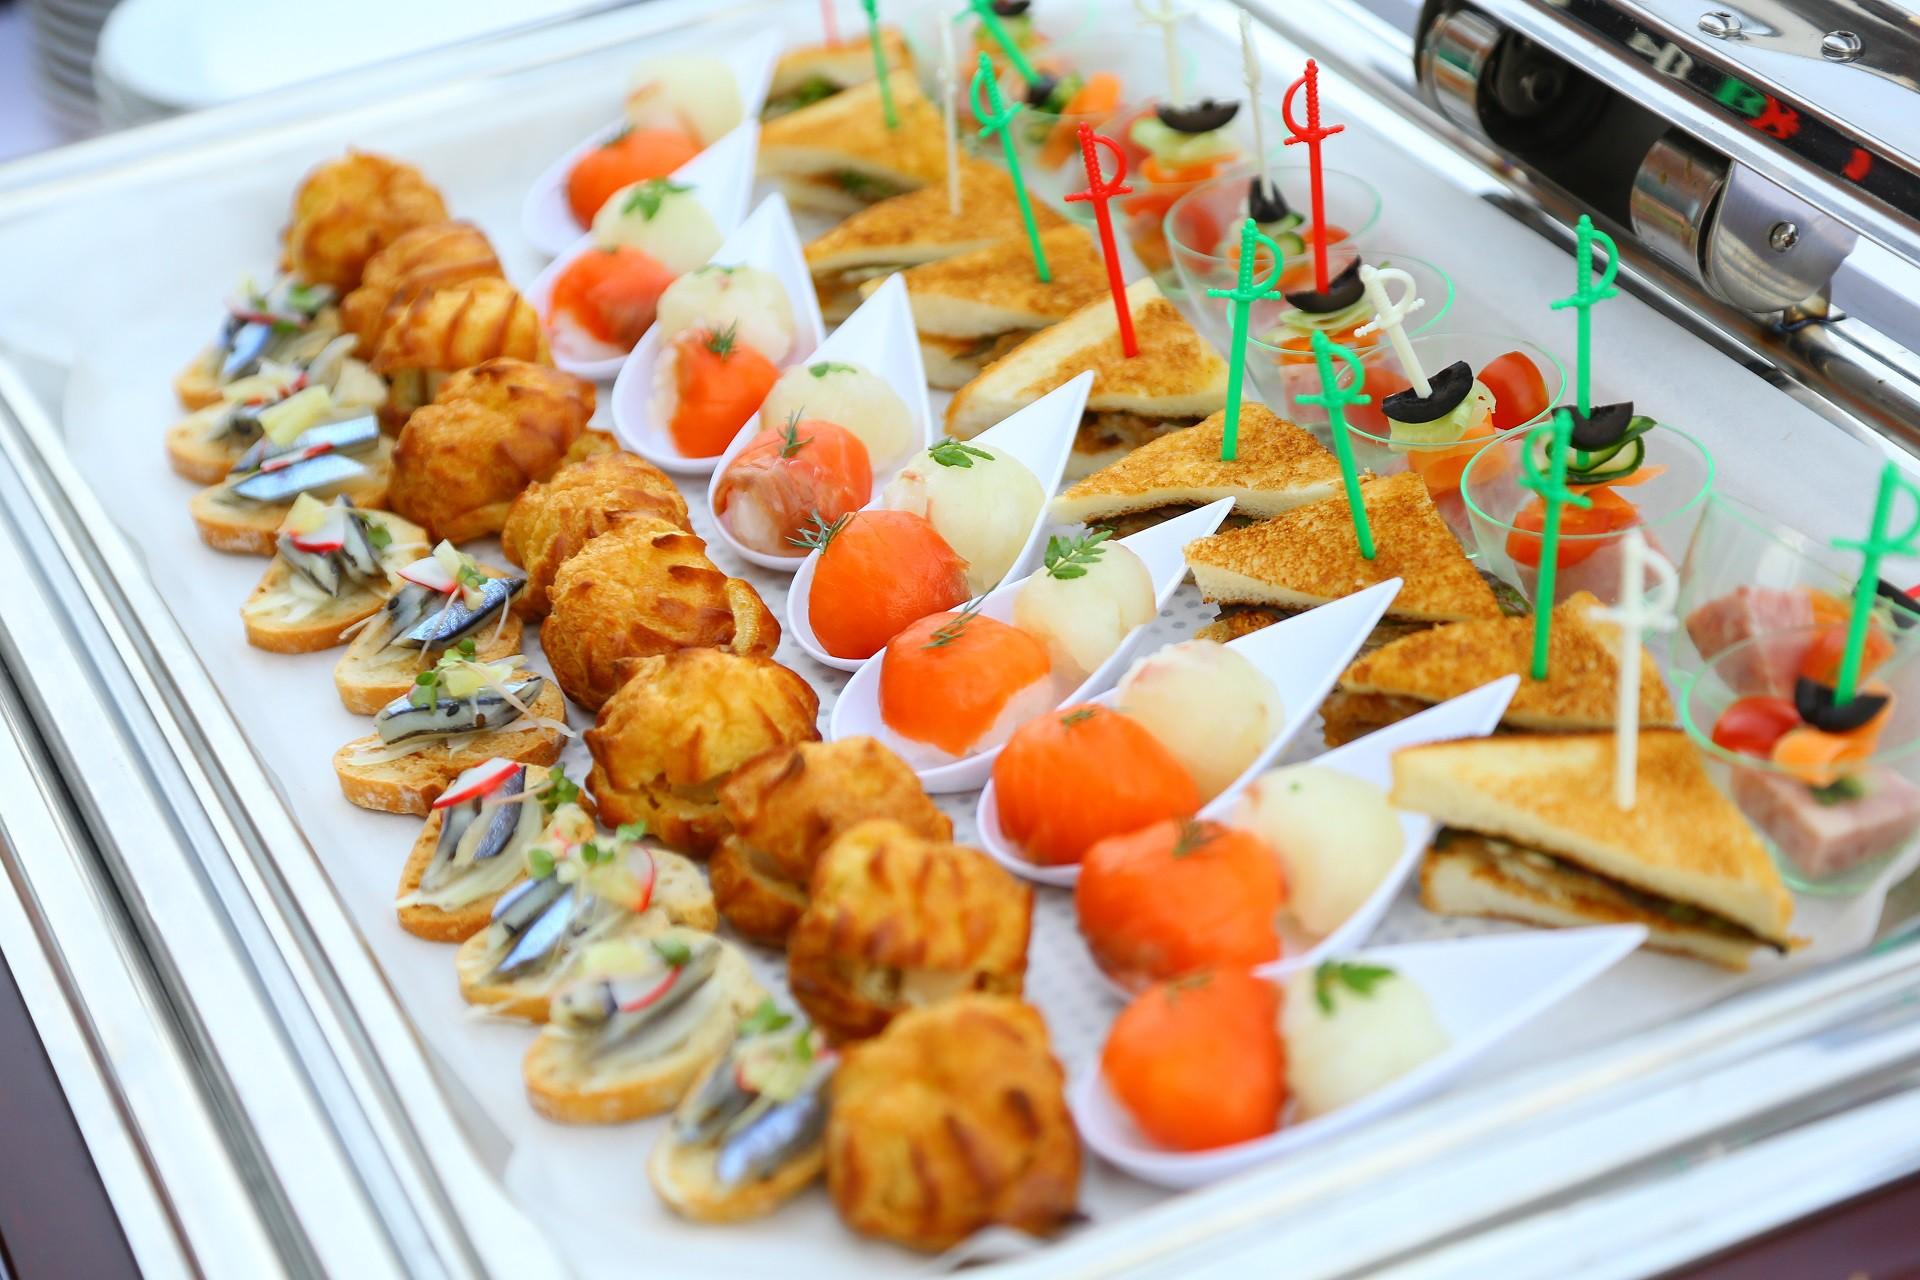 Banquet Room OSUMI (大隅)|レンブラントホテル鹿児島